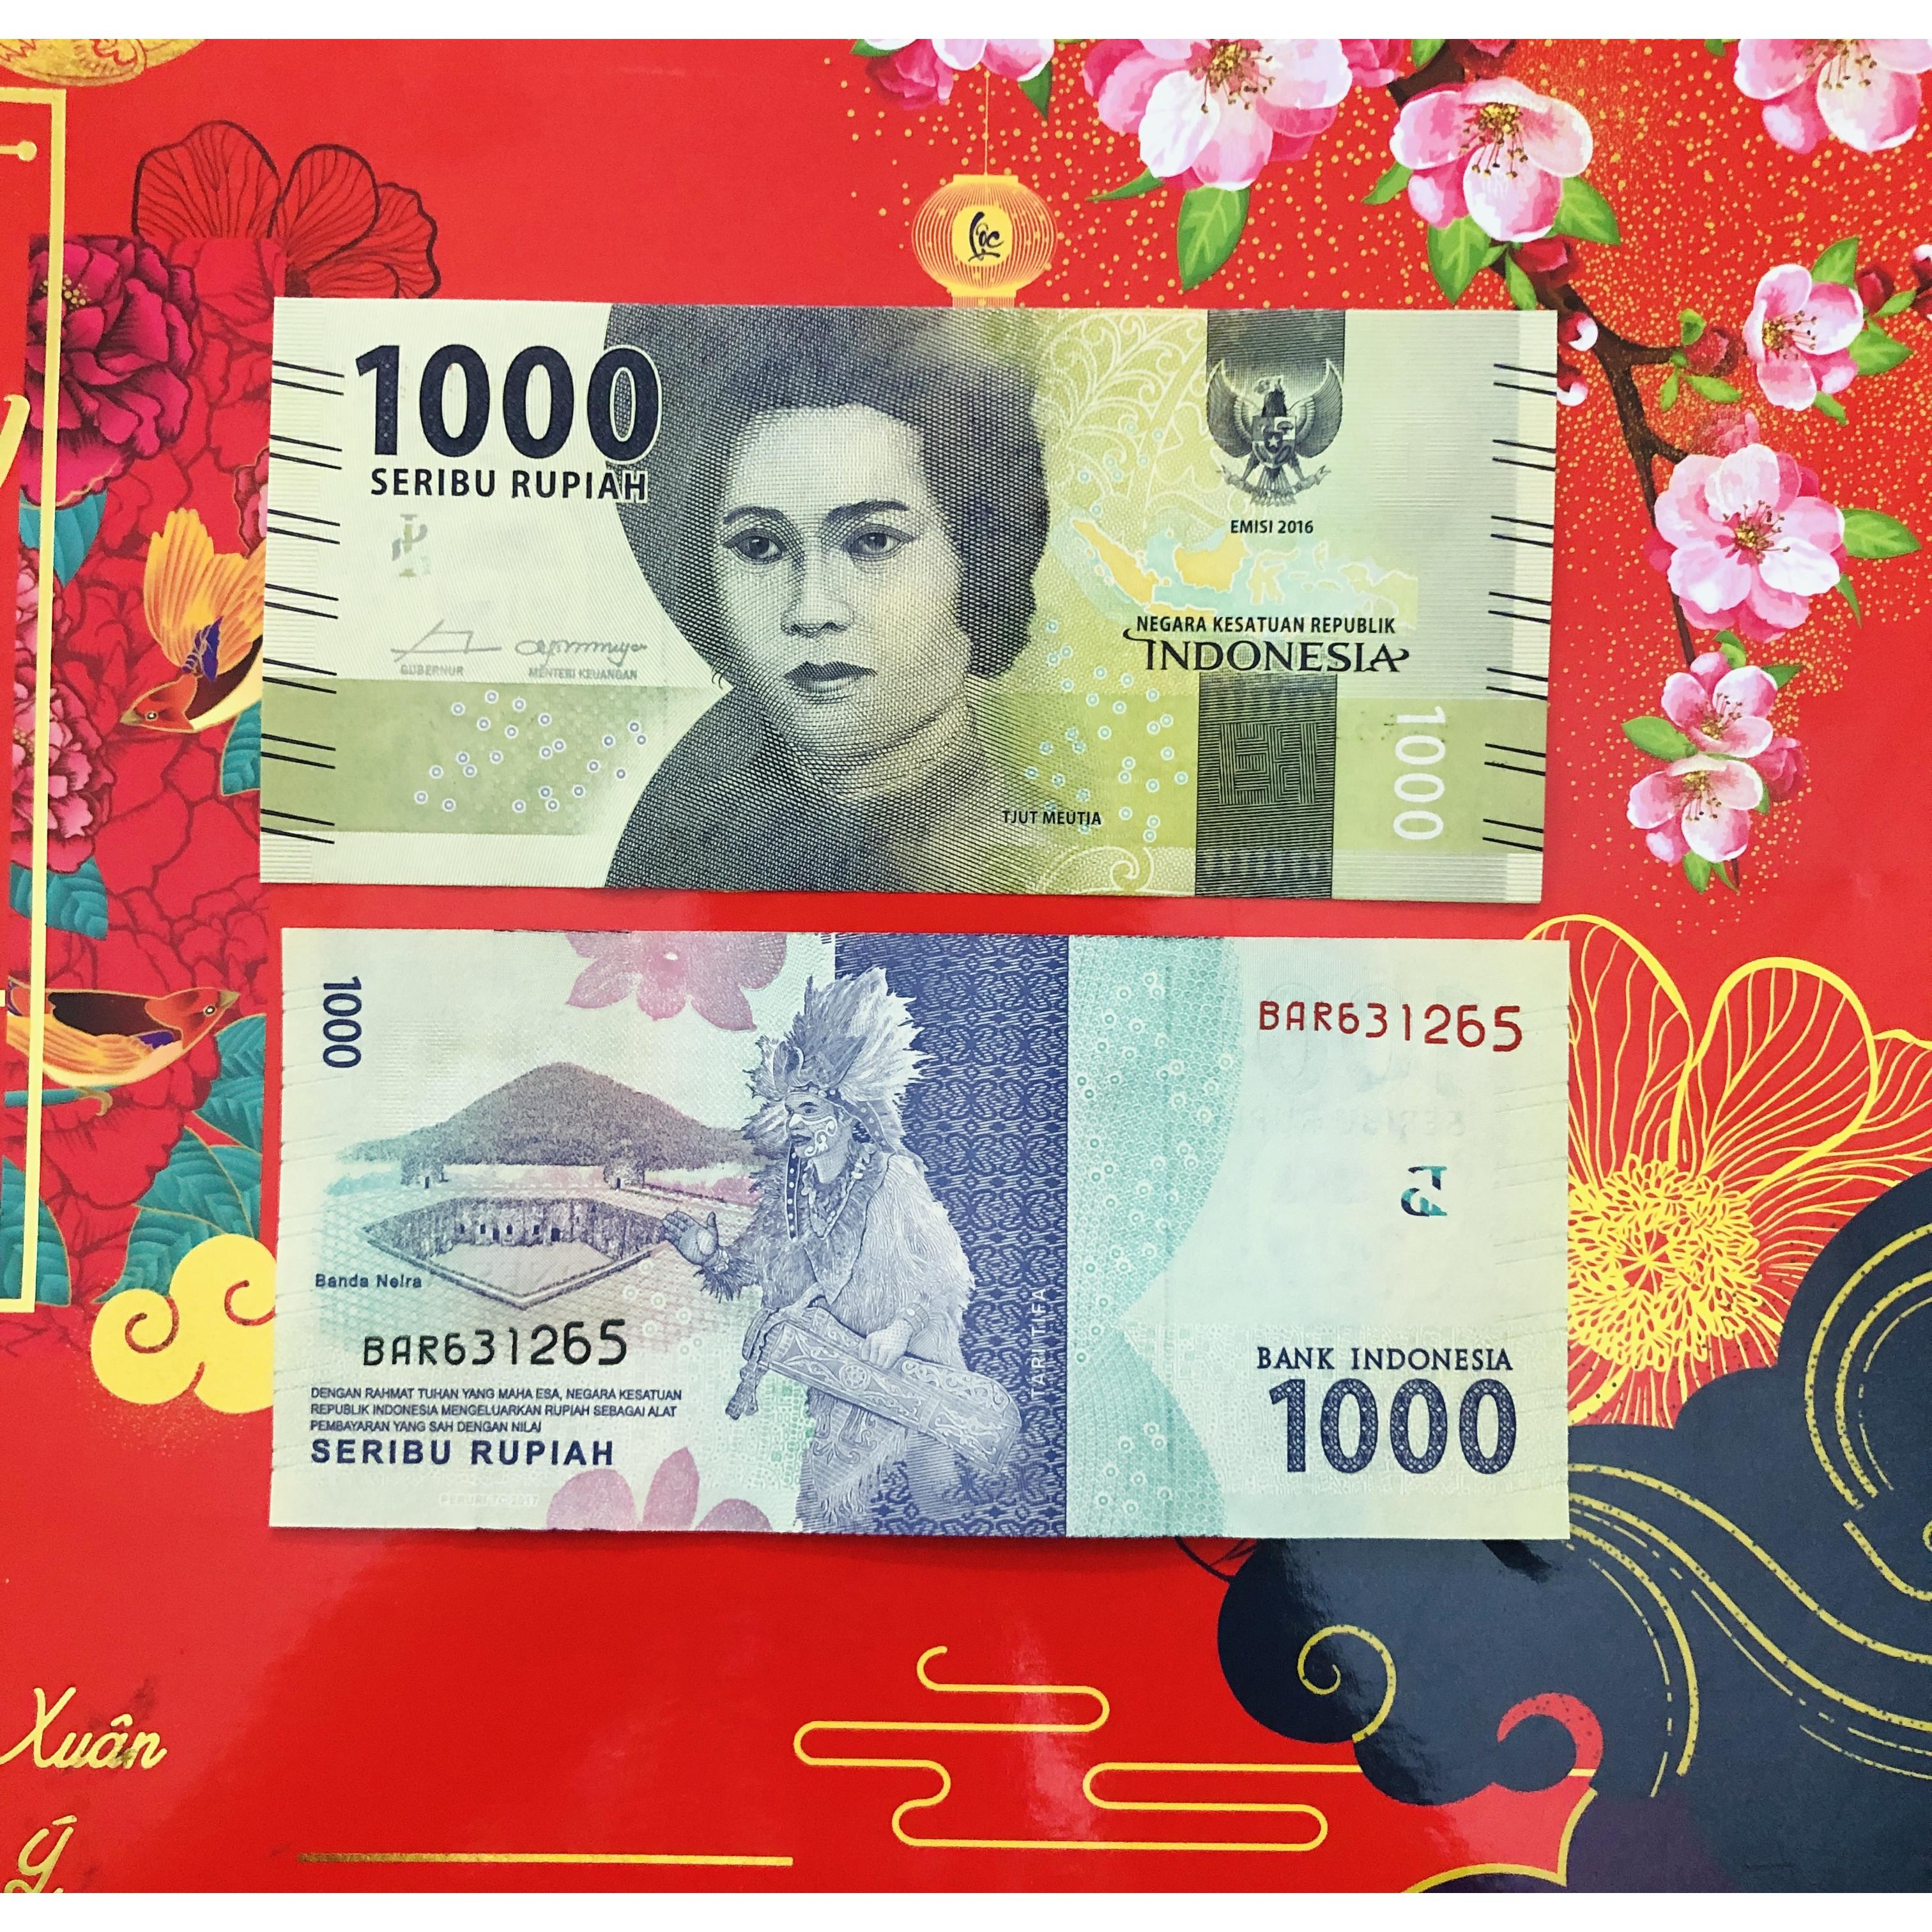 01 Tờ tiền Indonesia 1000 Rupiah xưa sưu tầm - kèm bao lì xì